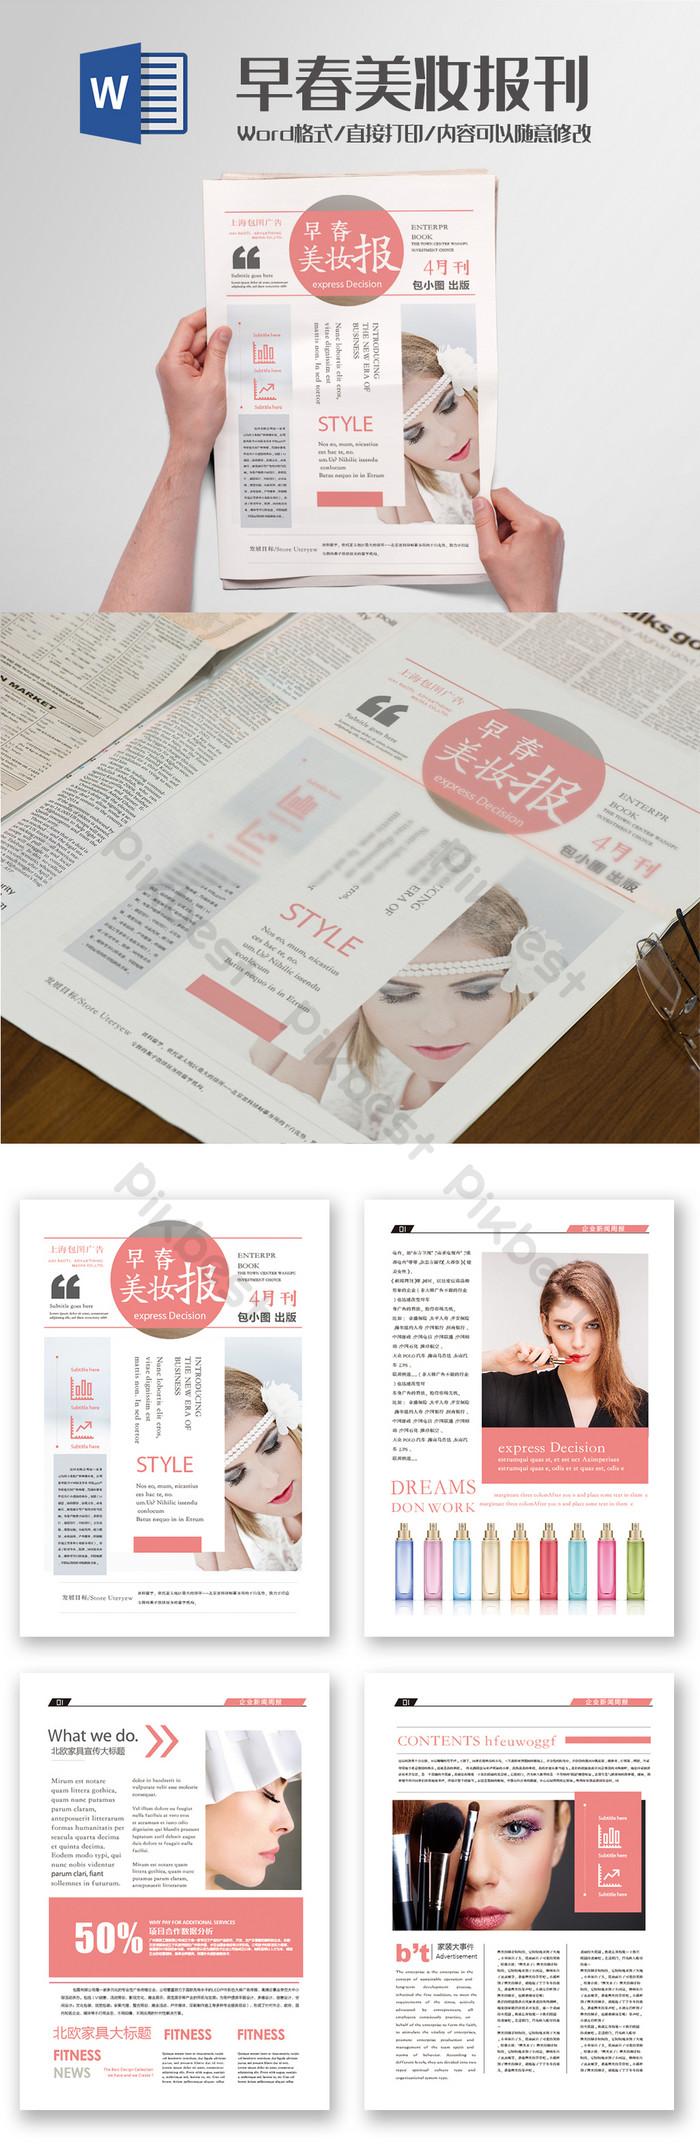 春季美妝報刊報紙排版設計Word模板| DOC Word素材免費下載 - Pikbest